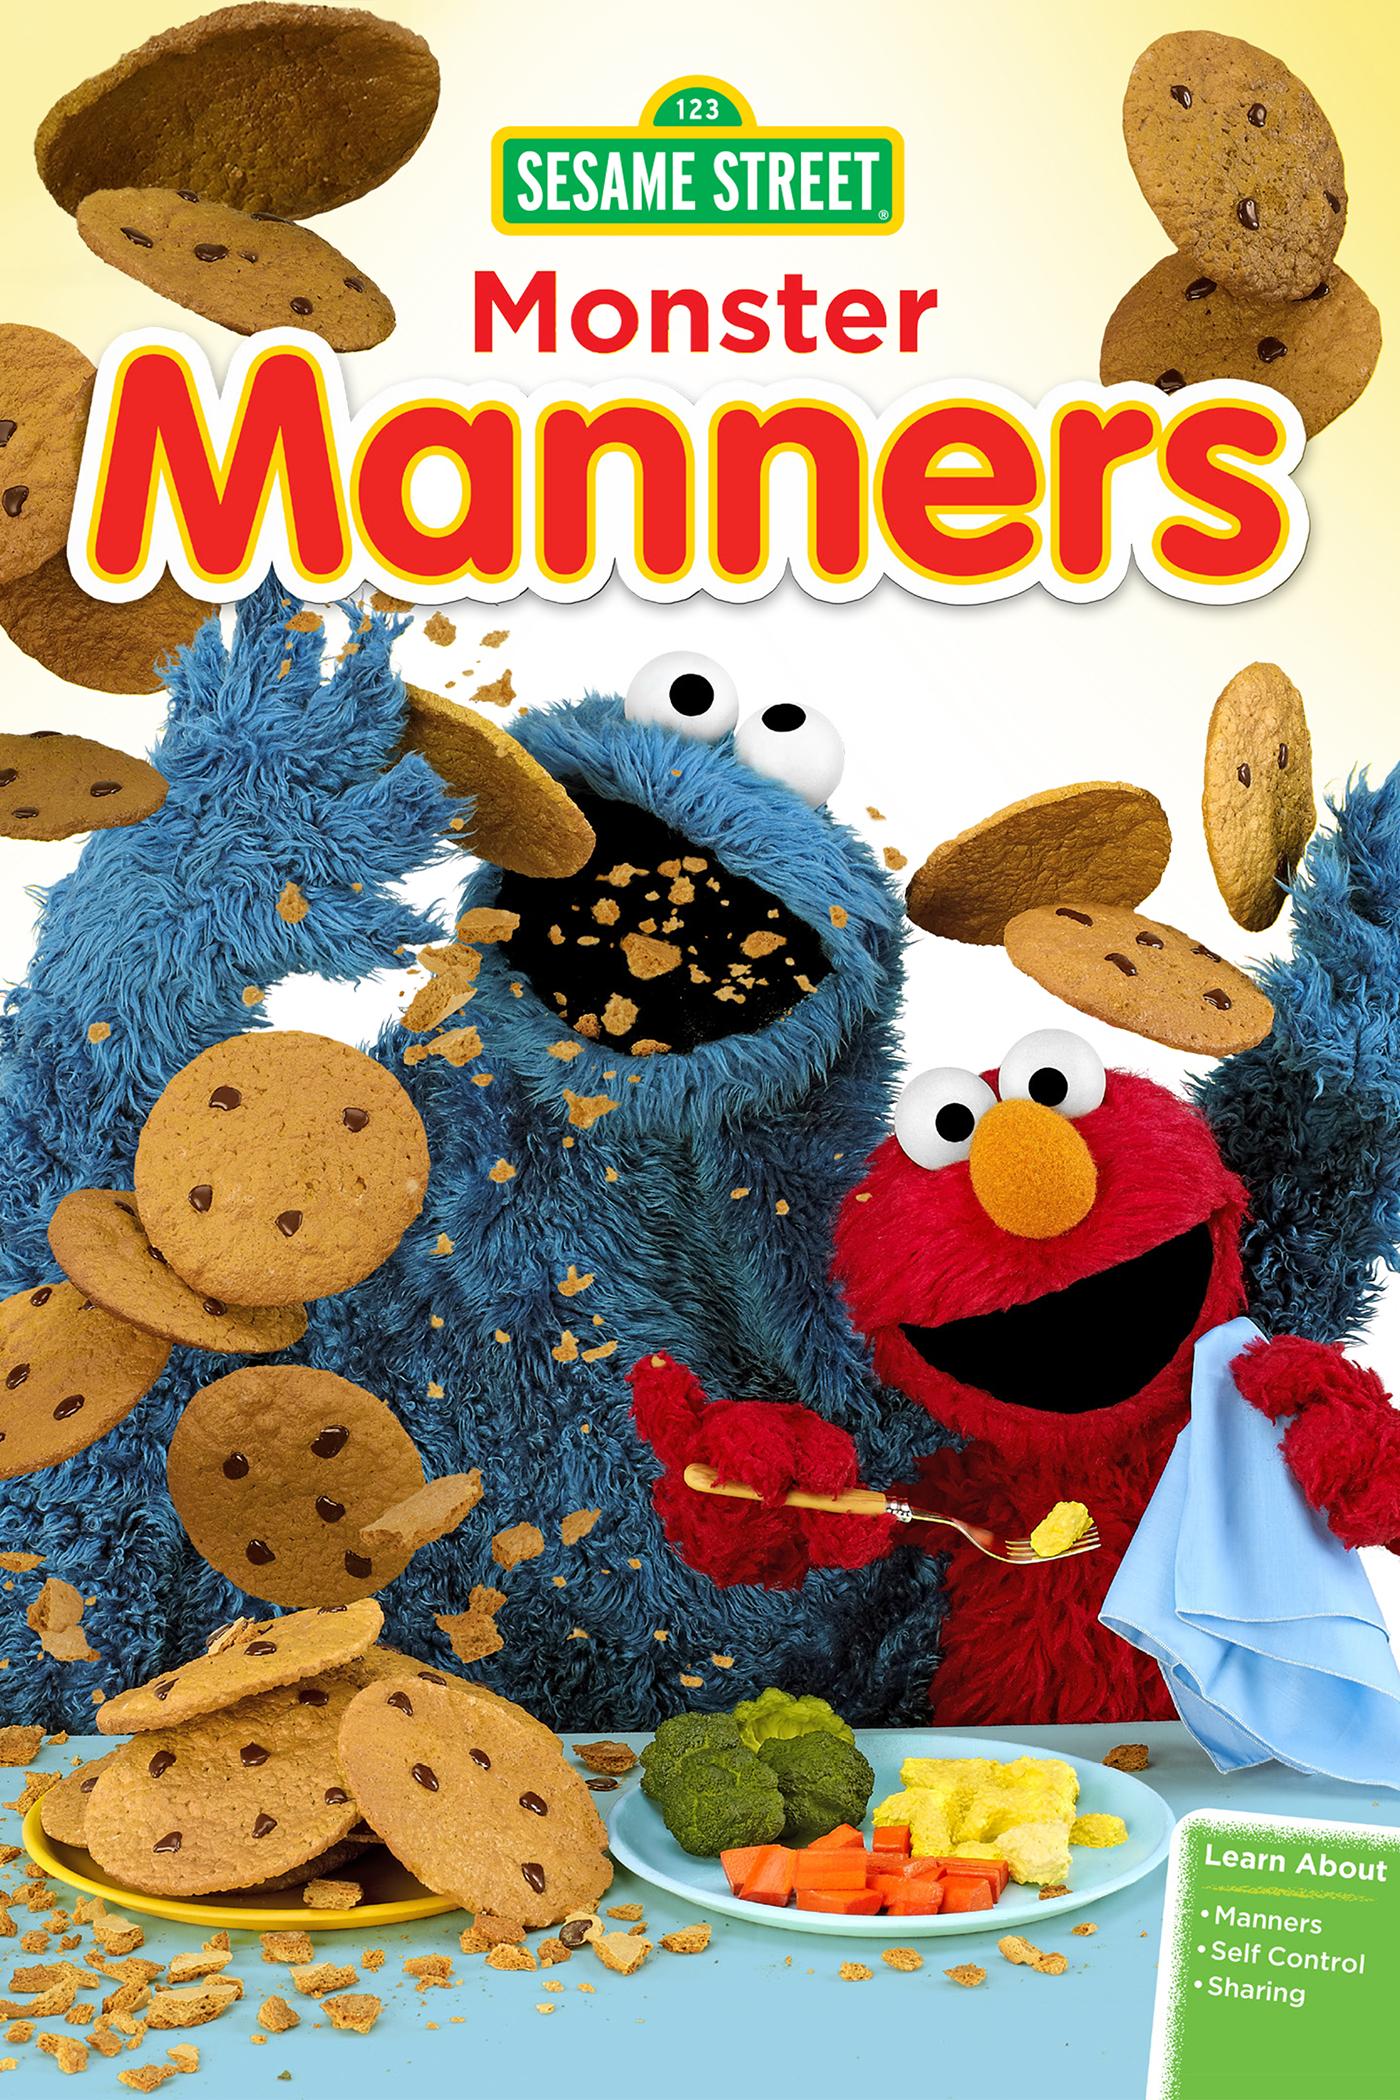 Sesame Street: Monster Manners